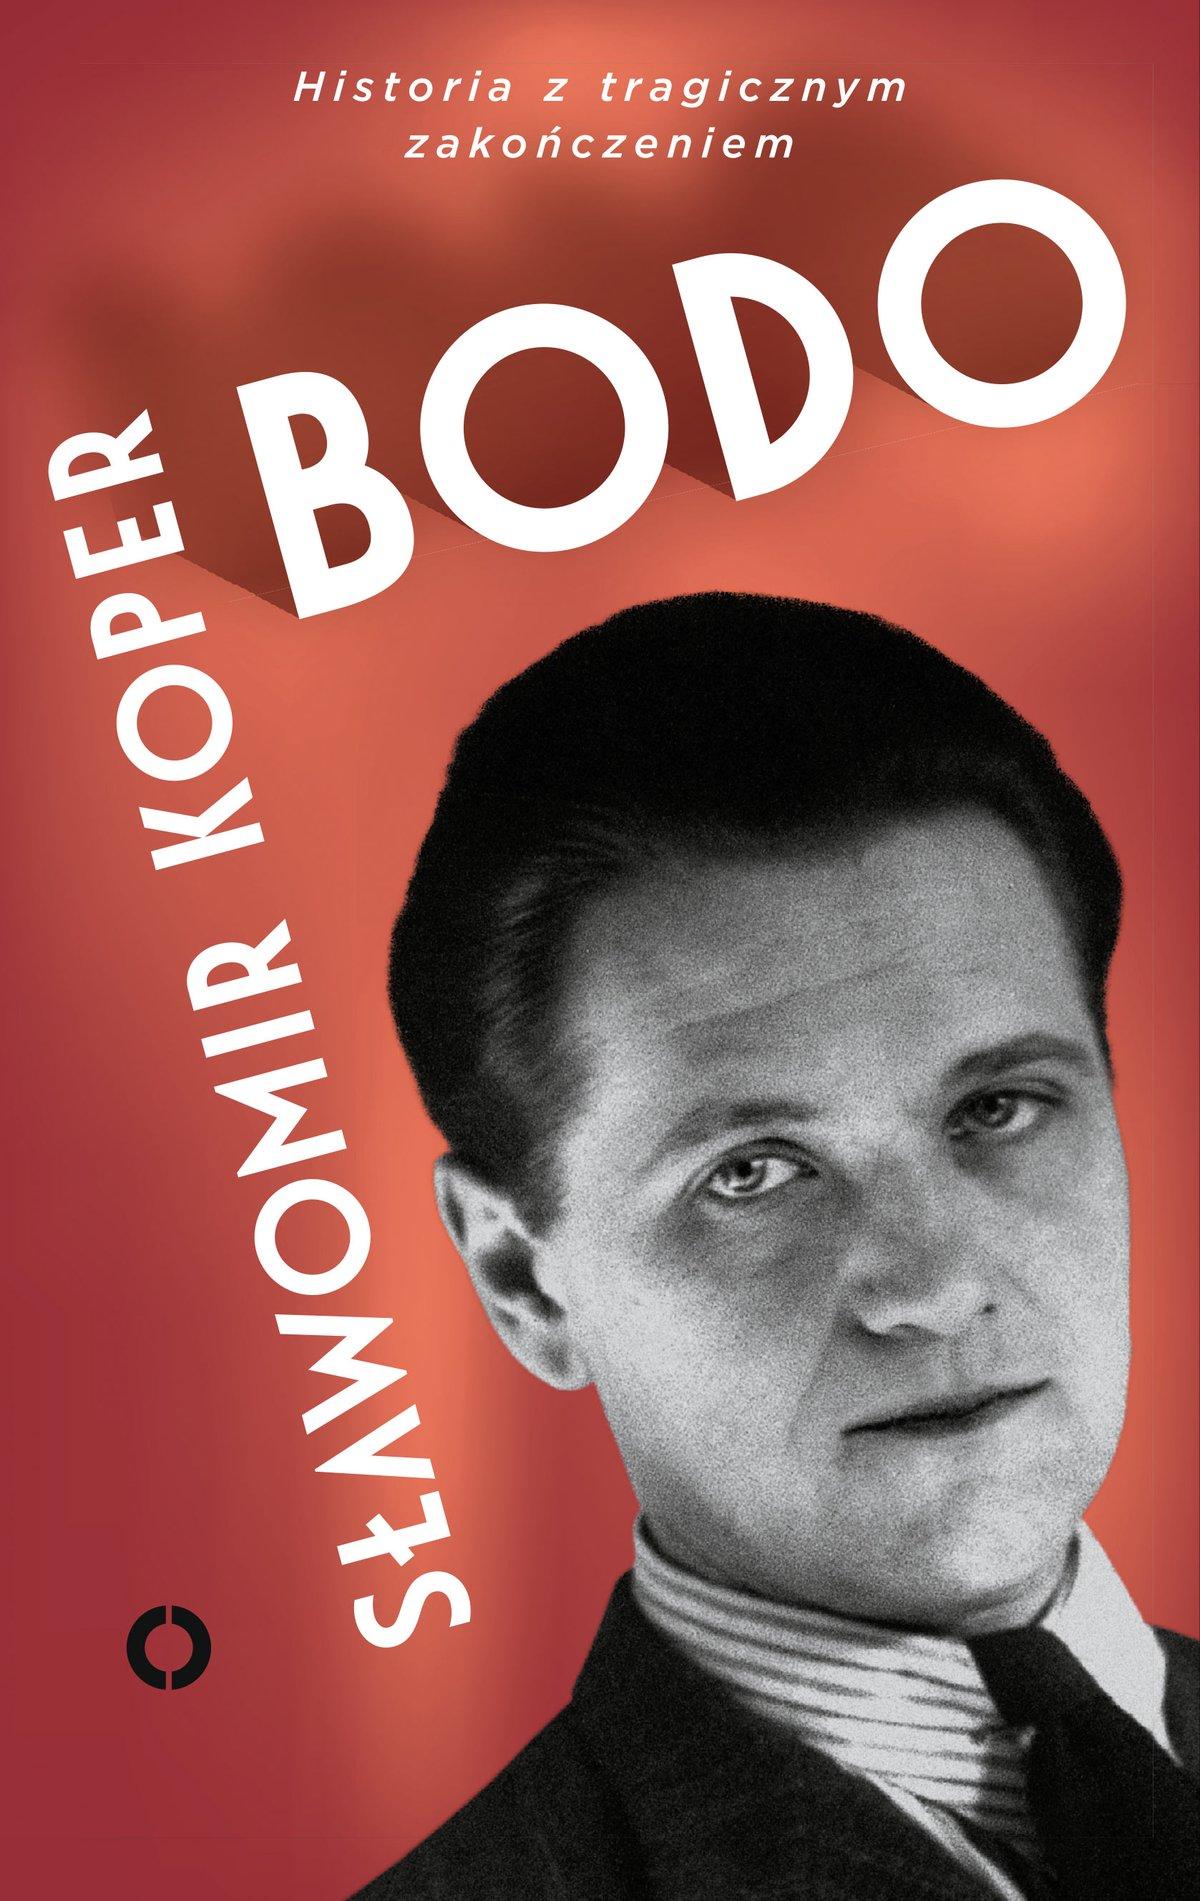 Bodo. Historia z tragicznym zakończeniem - Ebook (Książka na Kindle) do pobrania w formacie MOBI